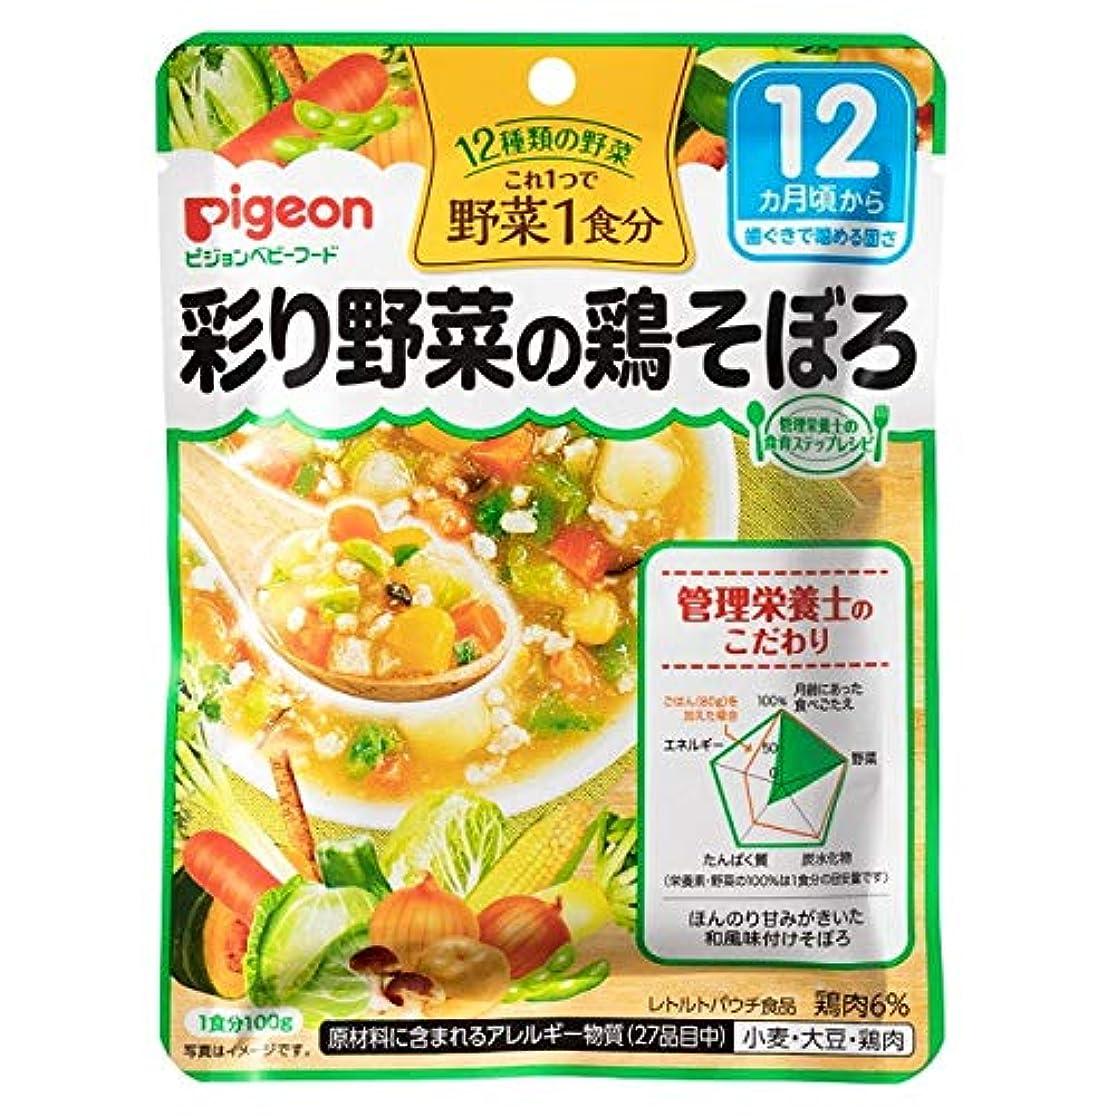 船乗り軽食売り手ピジョン 食育レシピ野菜 彩り野菜の鶏そぼろ 100g【3個セット】